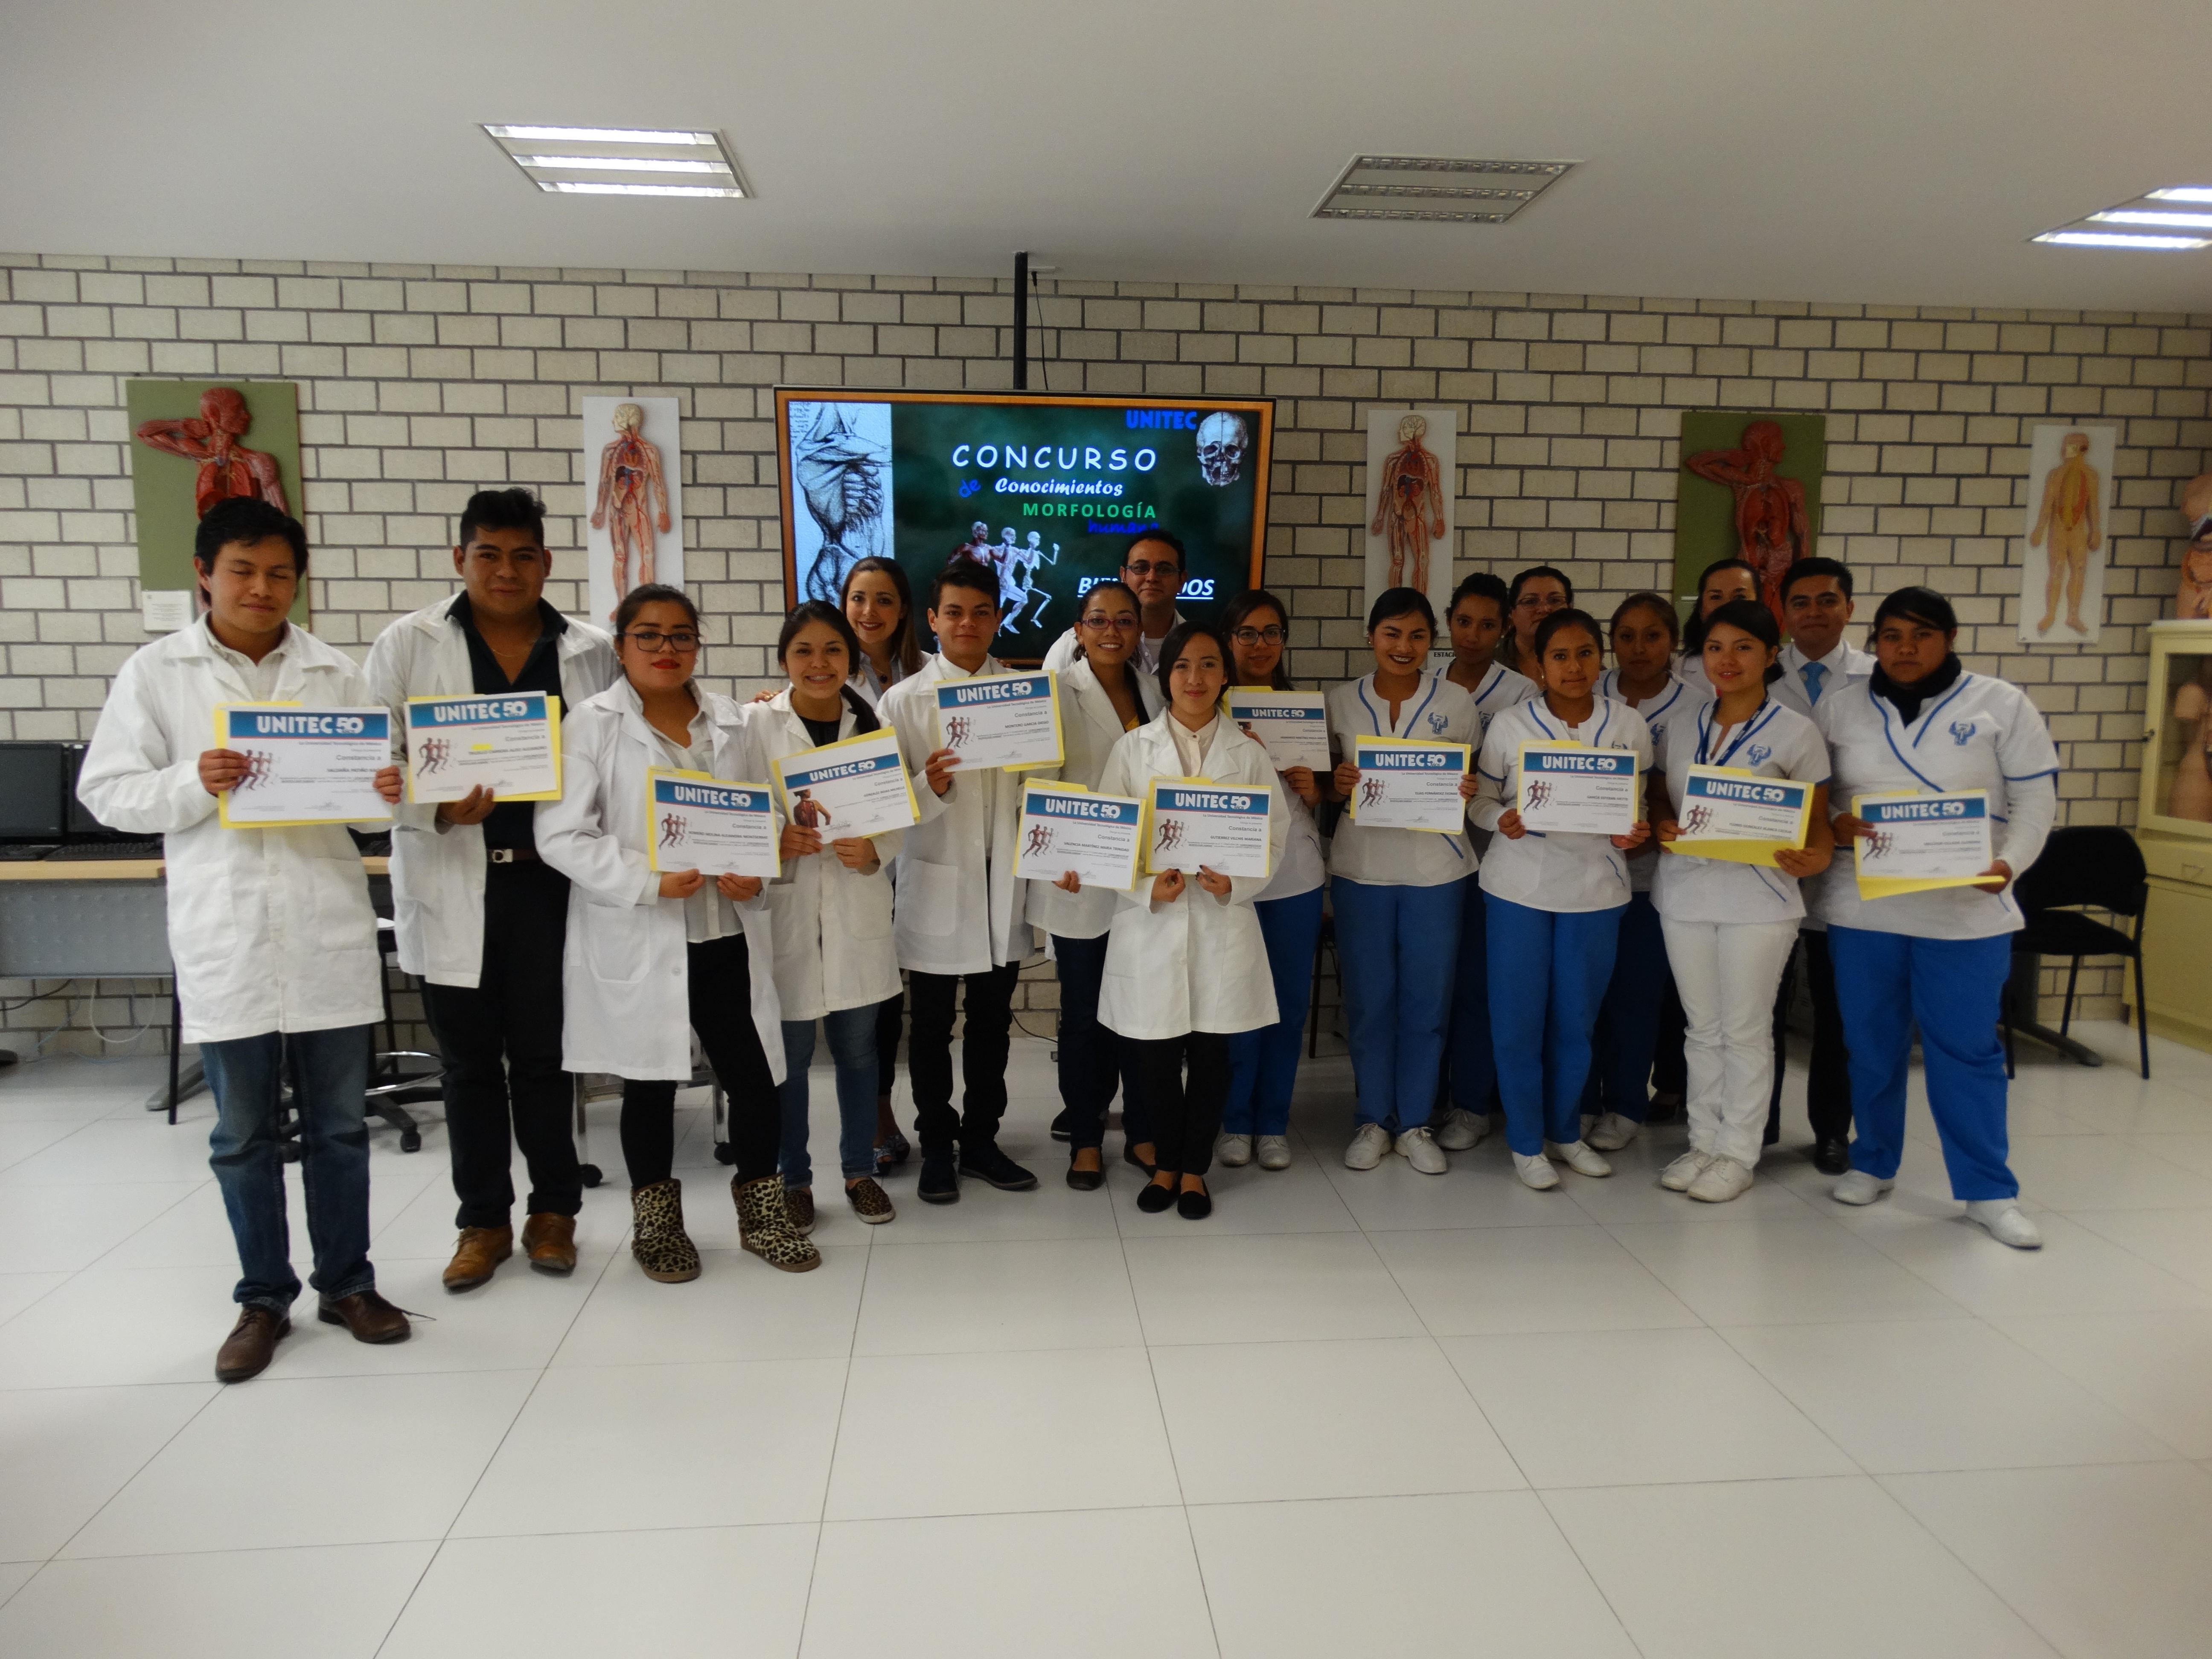 Campus Toluca realiza Concurso de conocimientos de Morfología Humana